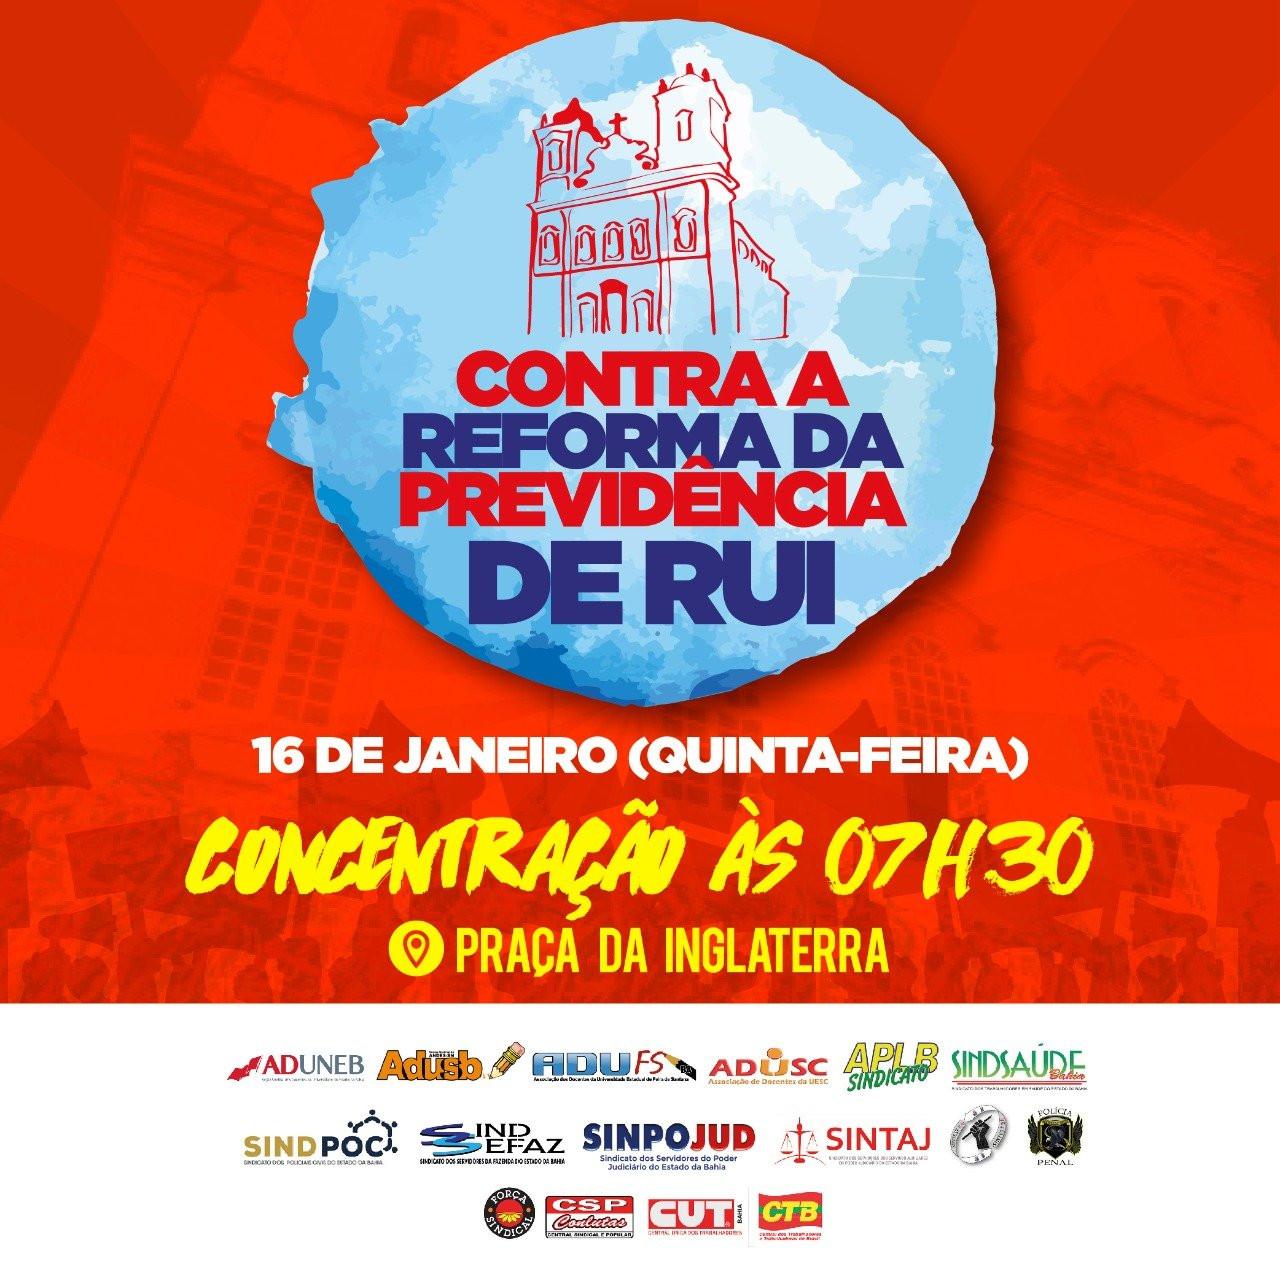 CTB-Bahia convoca sindicatos  para Lavagem do Bonfim